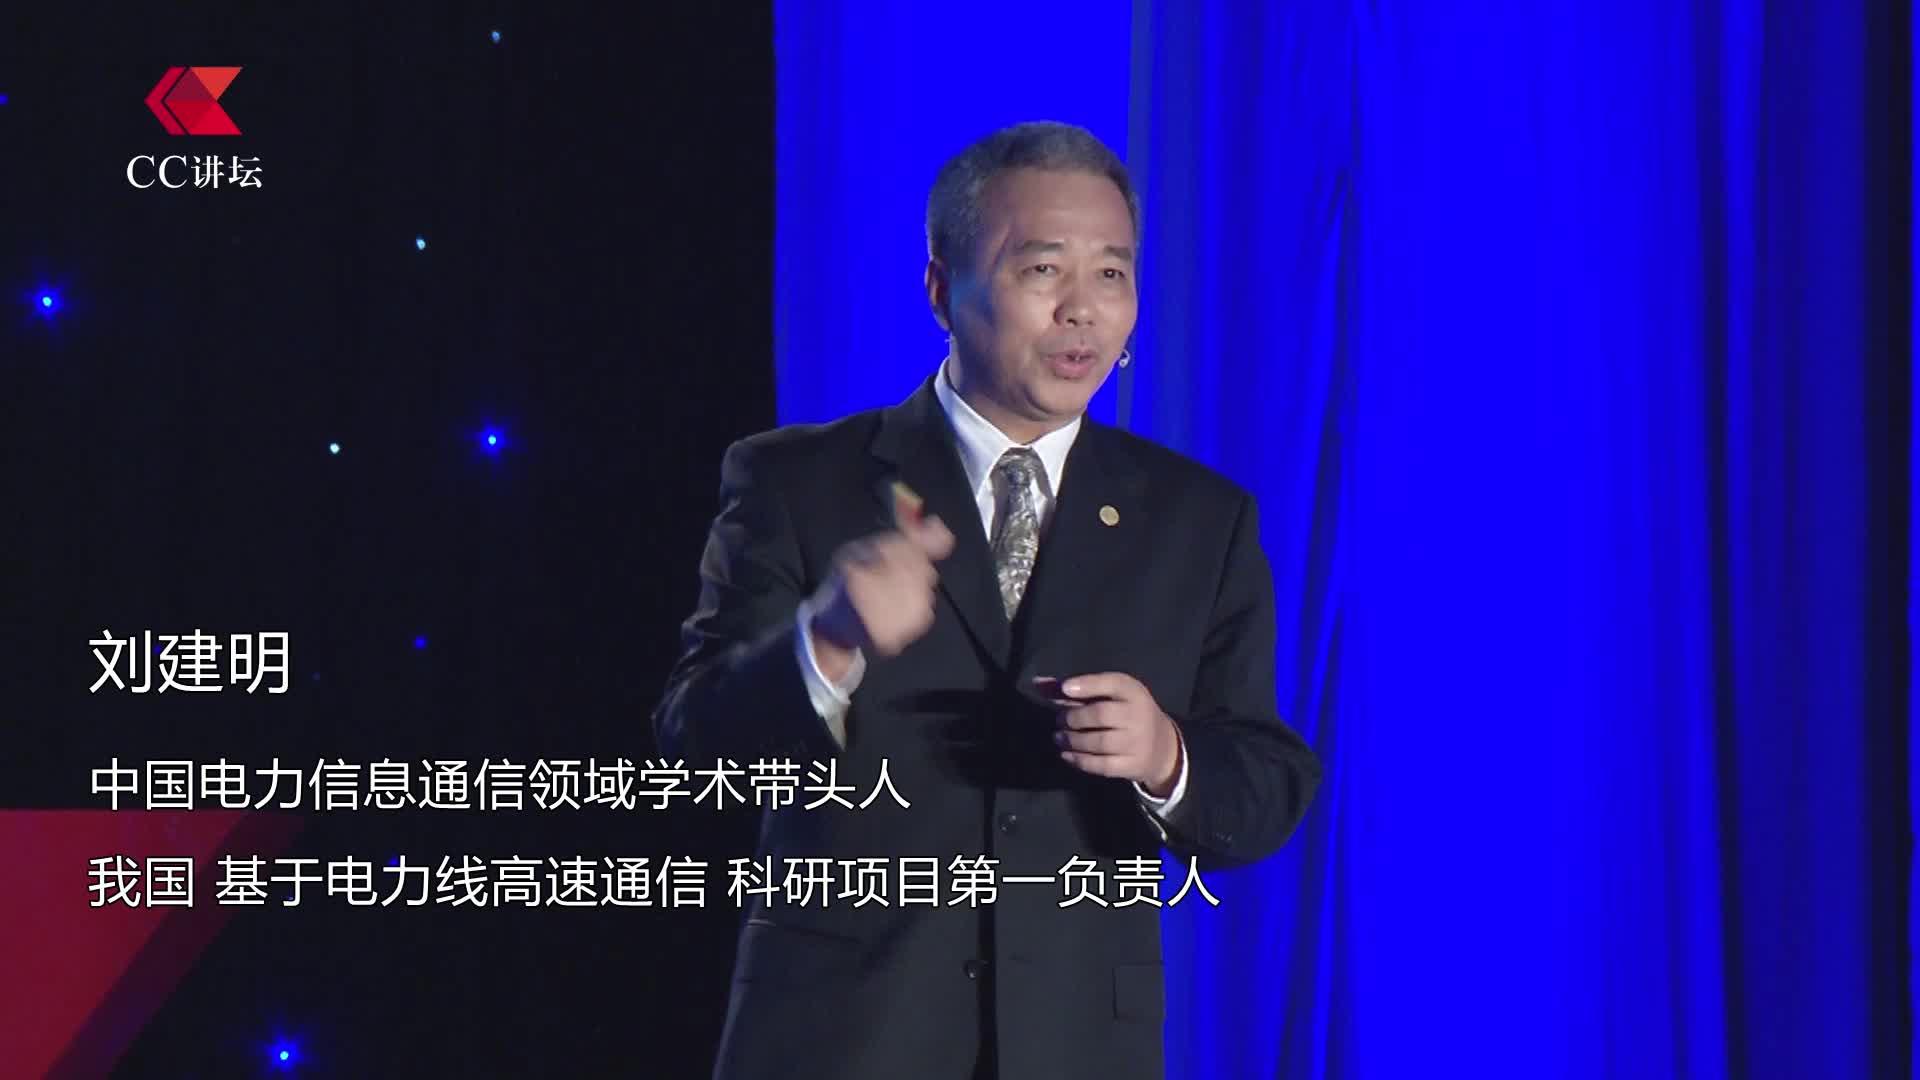 CC讲坛(科技):刘建明《智能电网,改变你我的生活》